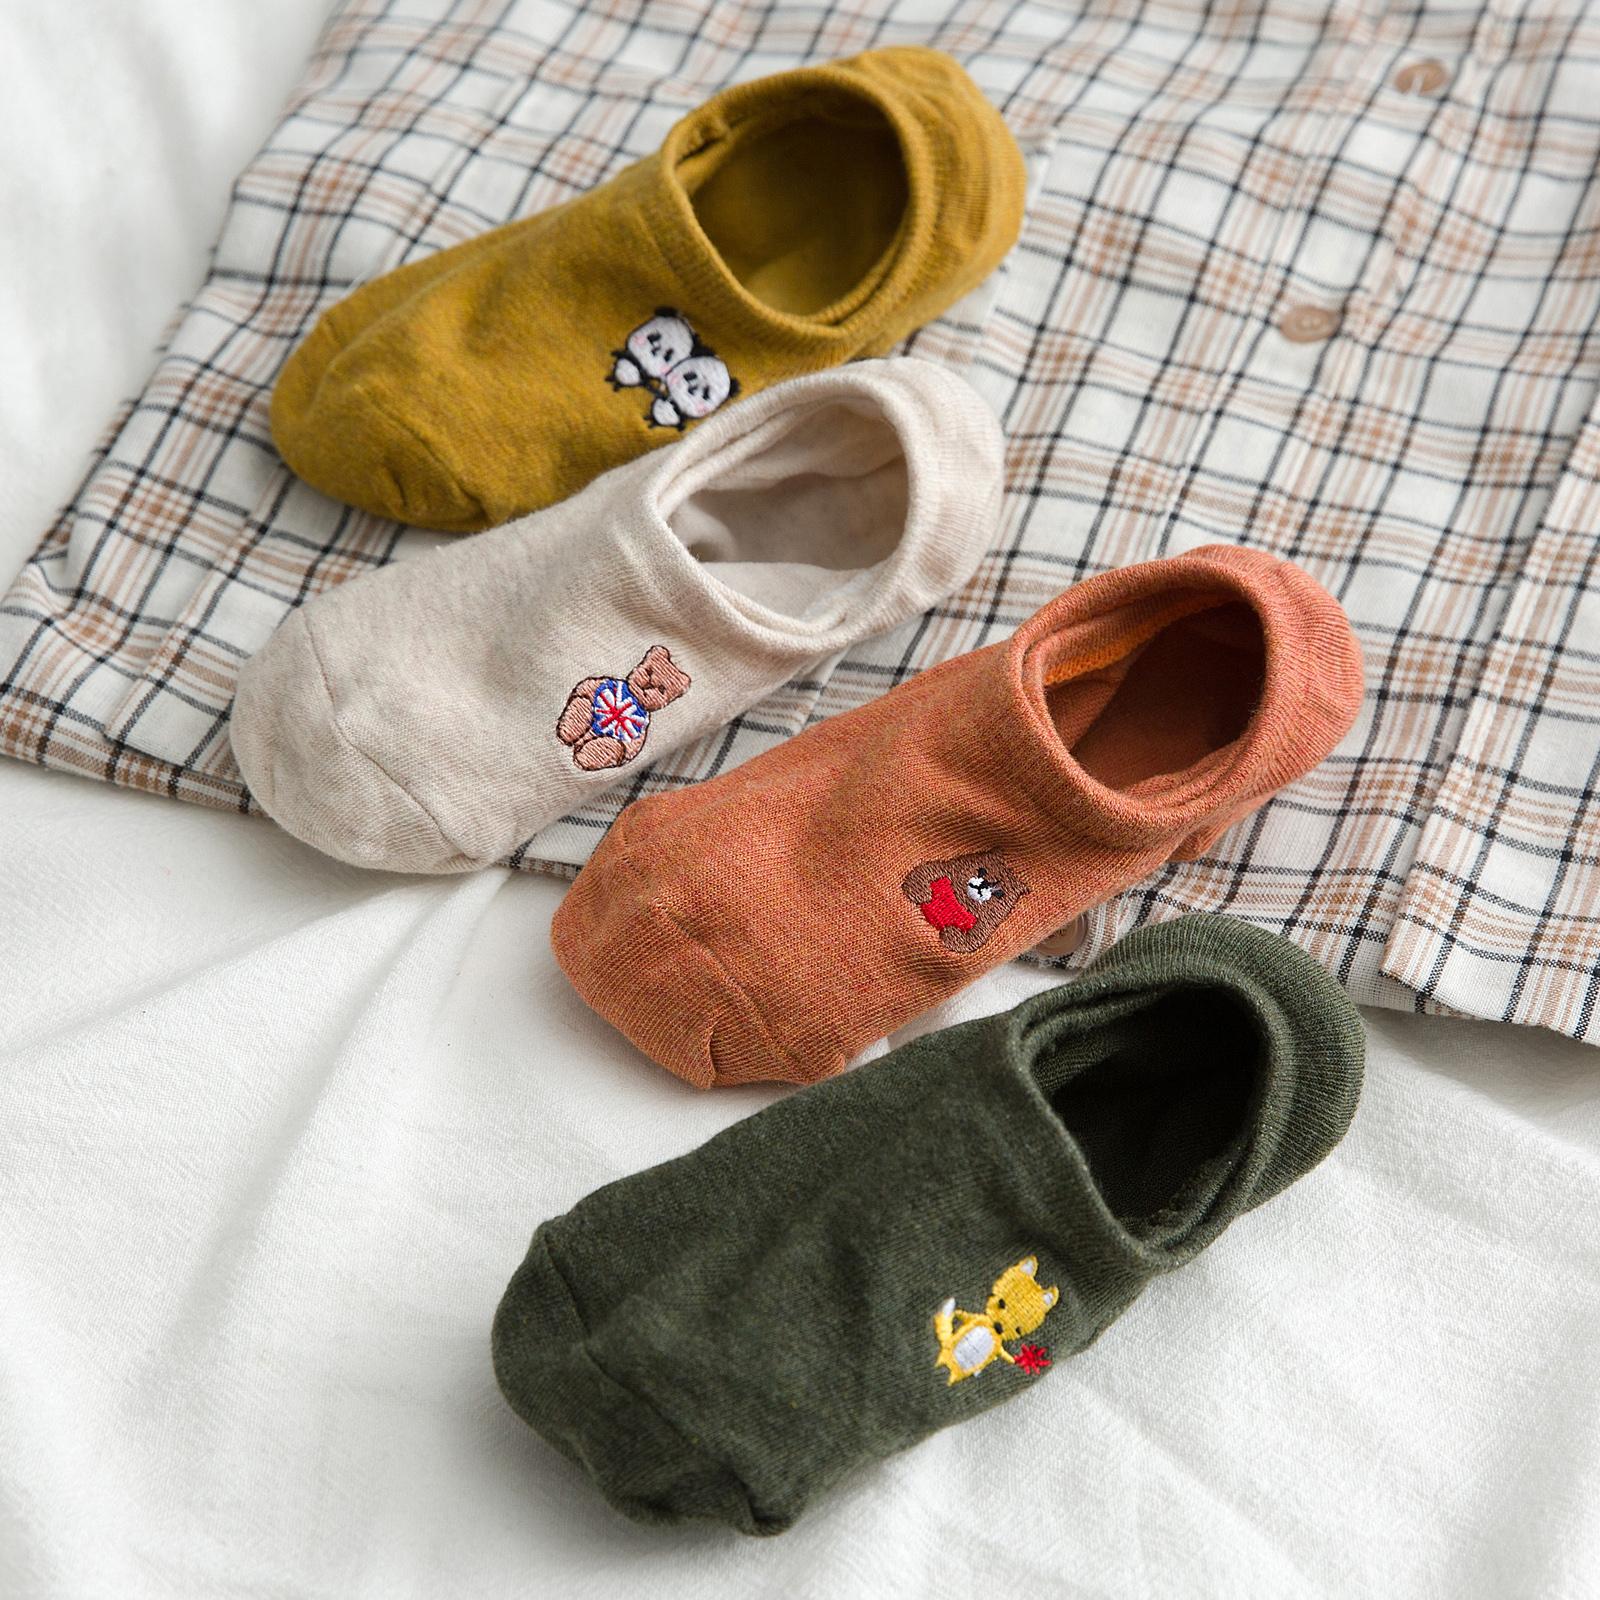 袜子女船袜纯棉浅口隐形低帮硅胶防滑韩国可爱日系短袜春秋夏季薄